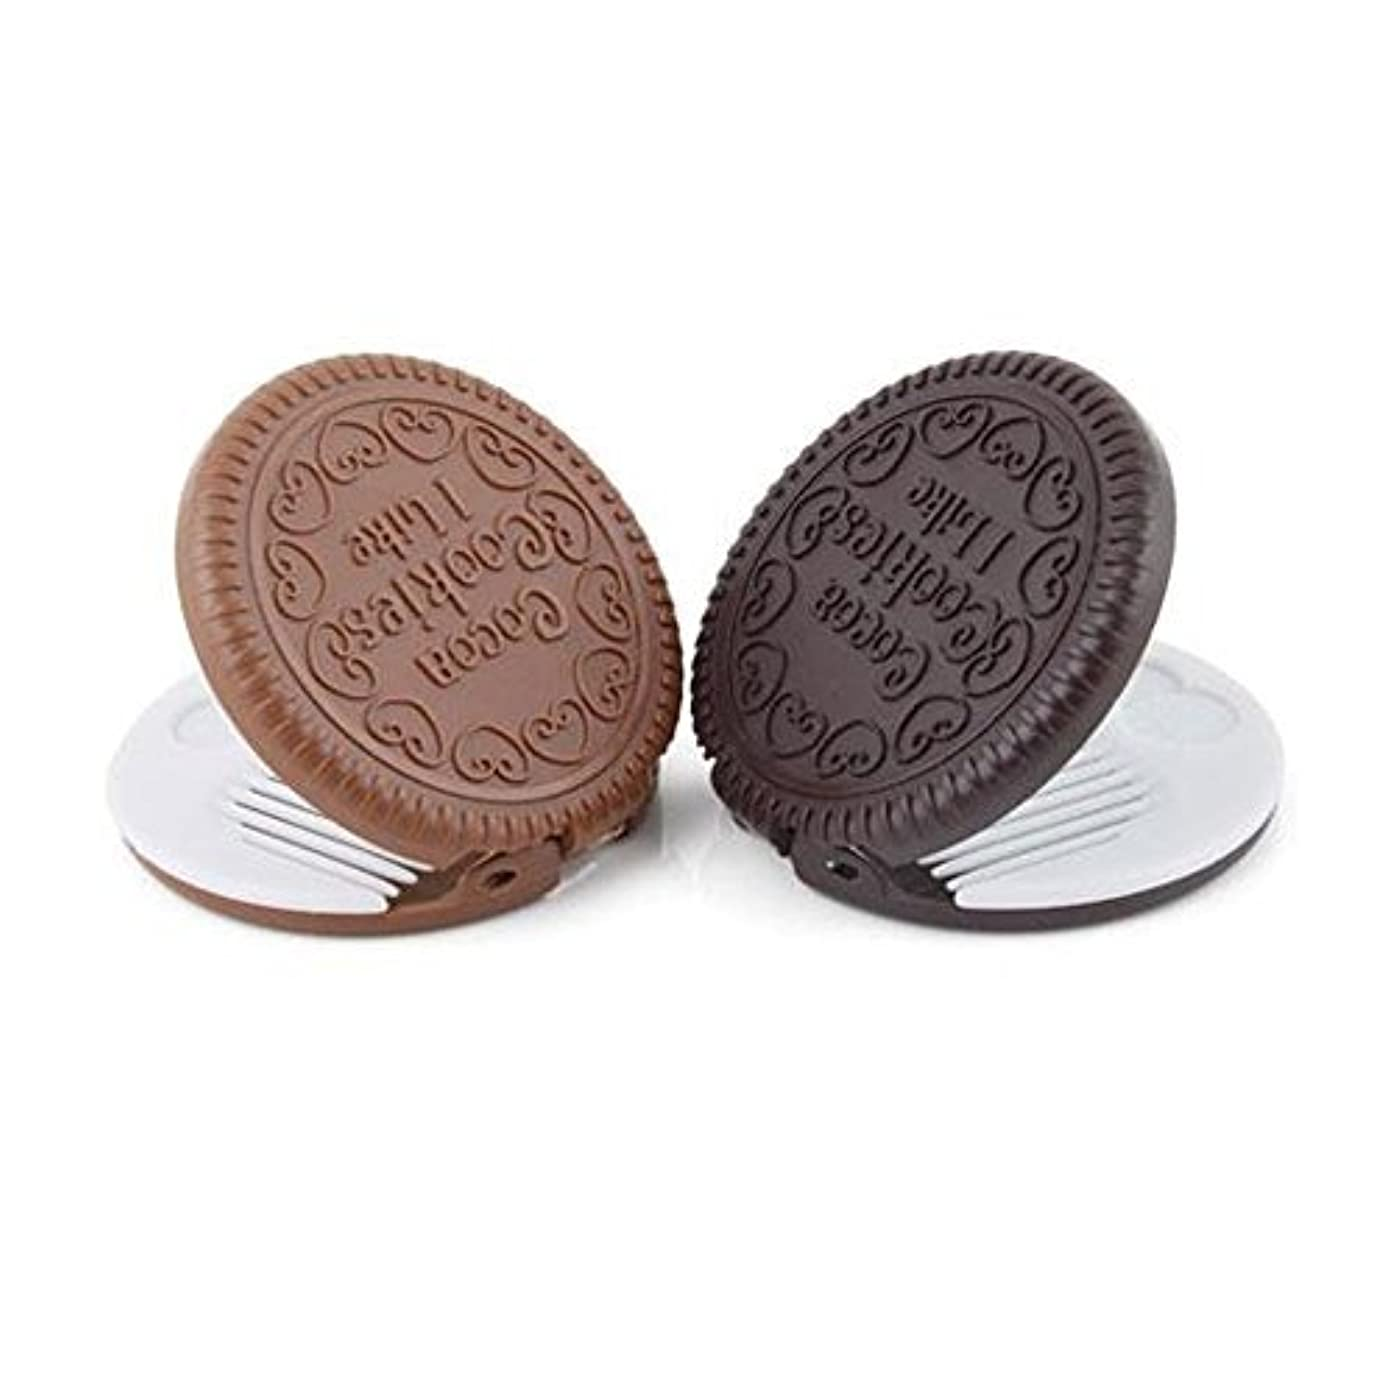 デッド限り万歳yueton Pack of 2 Mini Pocket Chocolate Cookie Compact Mirror with Comb [並行輸入品]